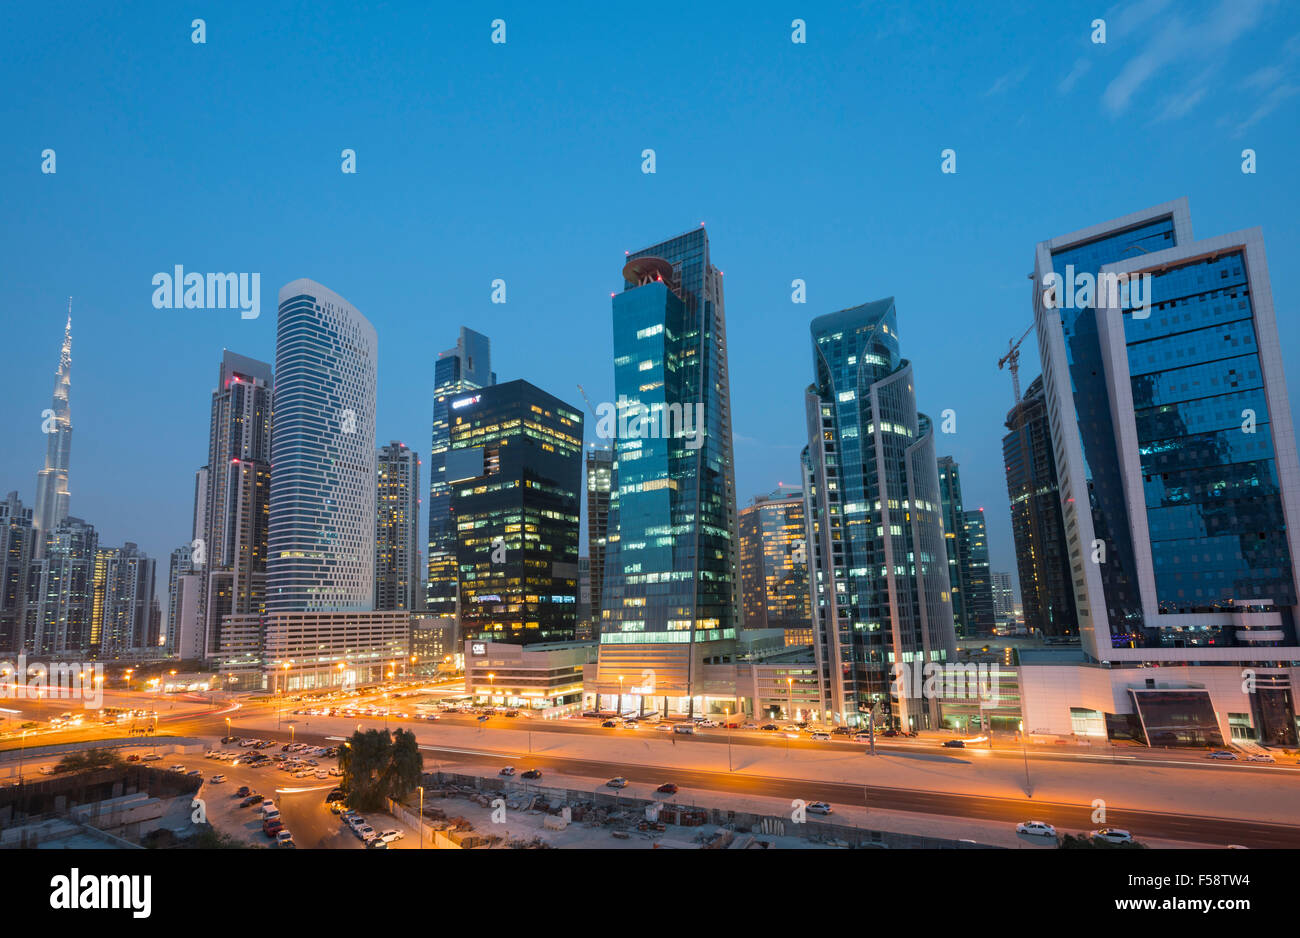 L'horizon de nouvelles tours de bureaux dans la nuit dans la baie d'affaires de Dubaï Émirats Photo Stock